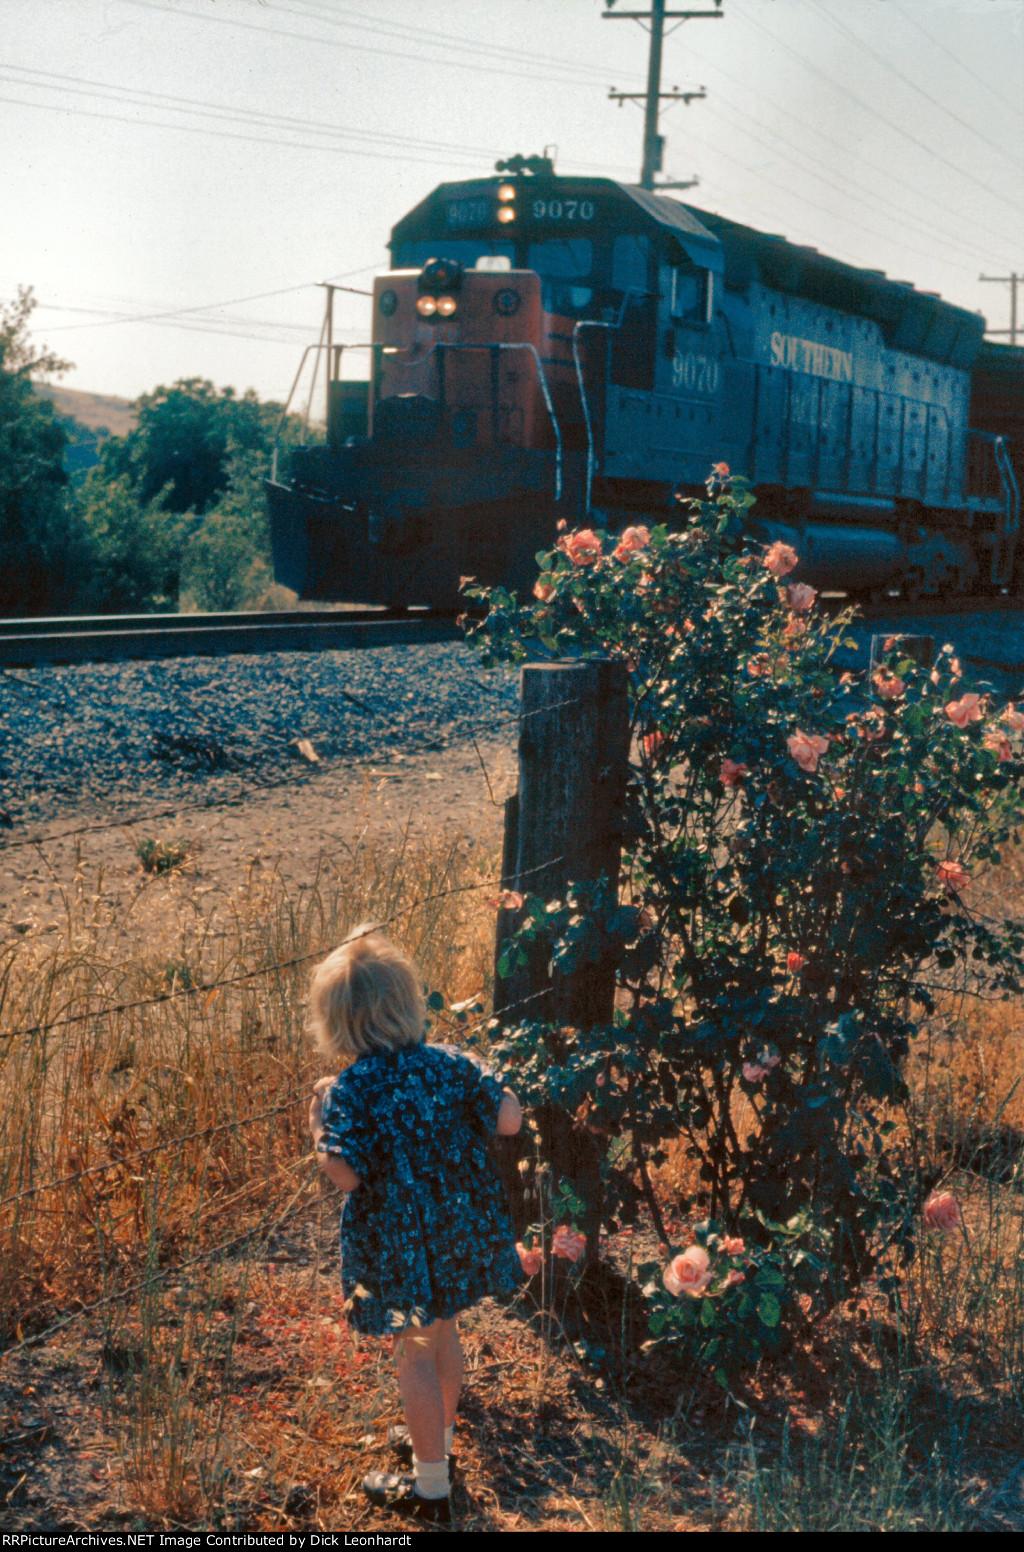 SP 9070 south of San Jose